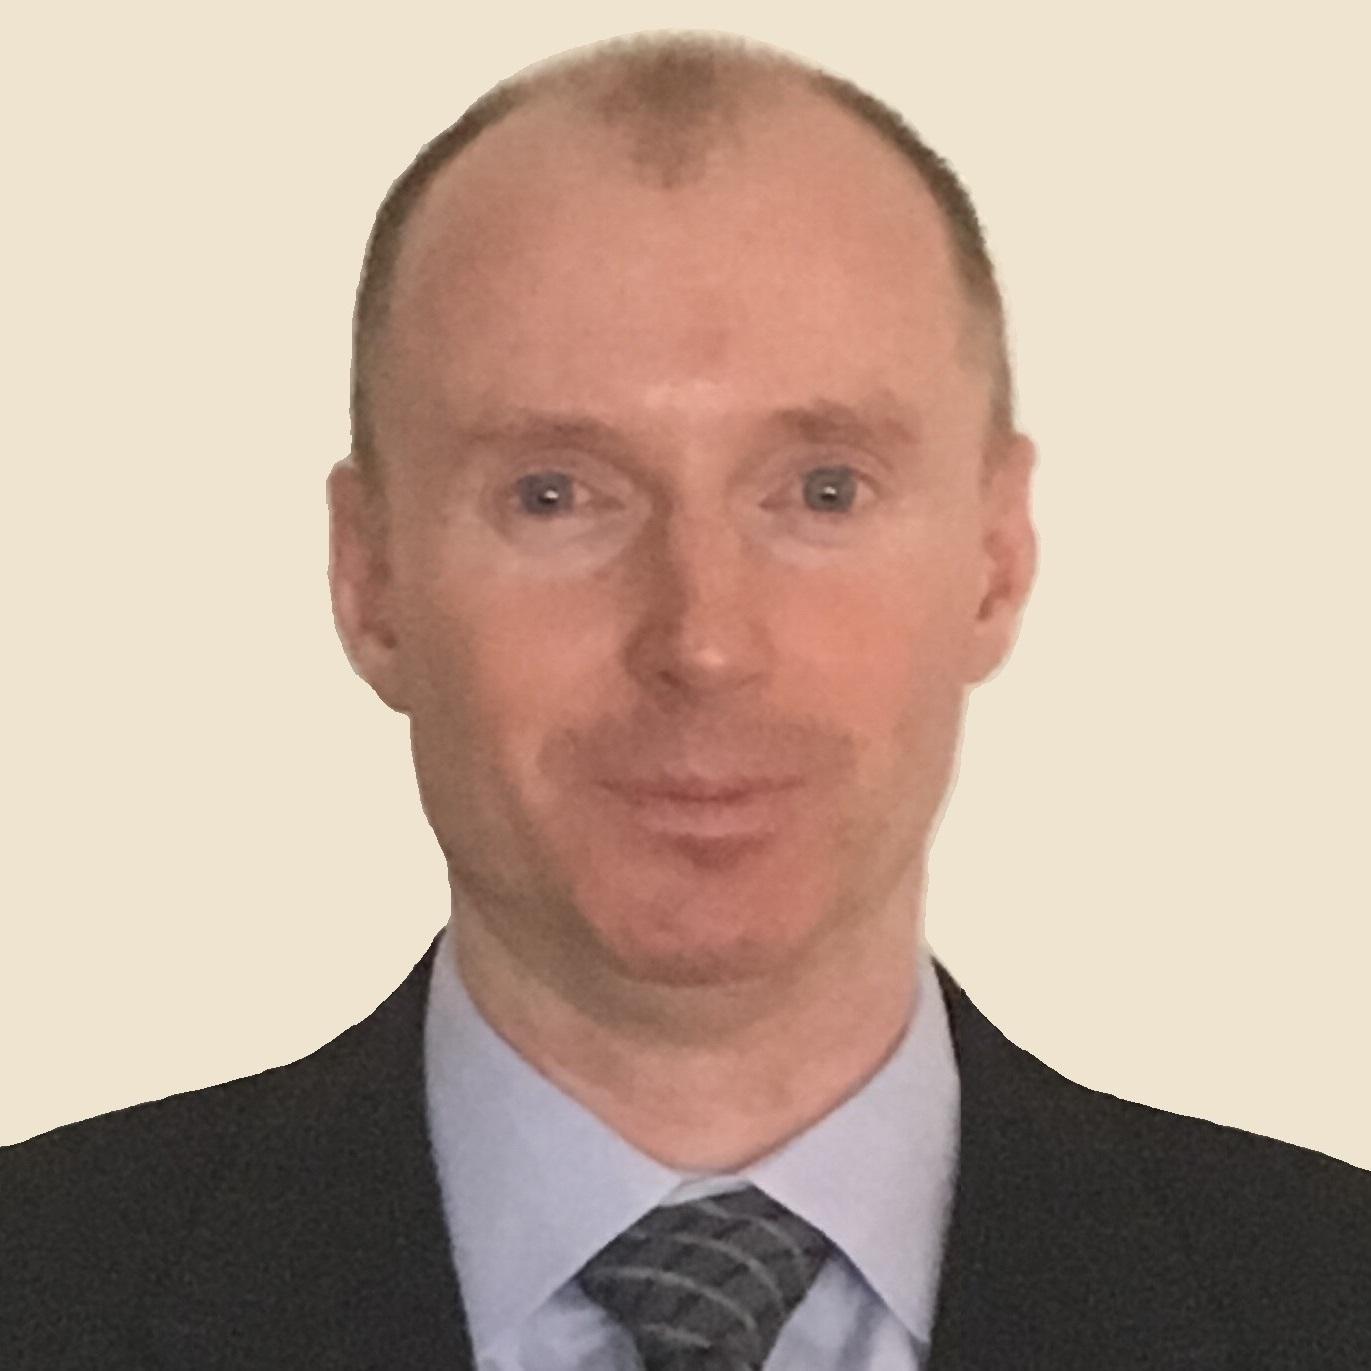 IT Infrastructure Engineer - New York NY - James Garrigan